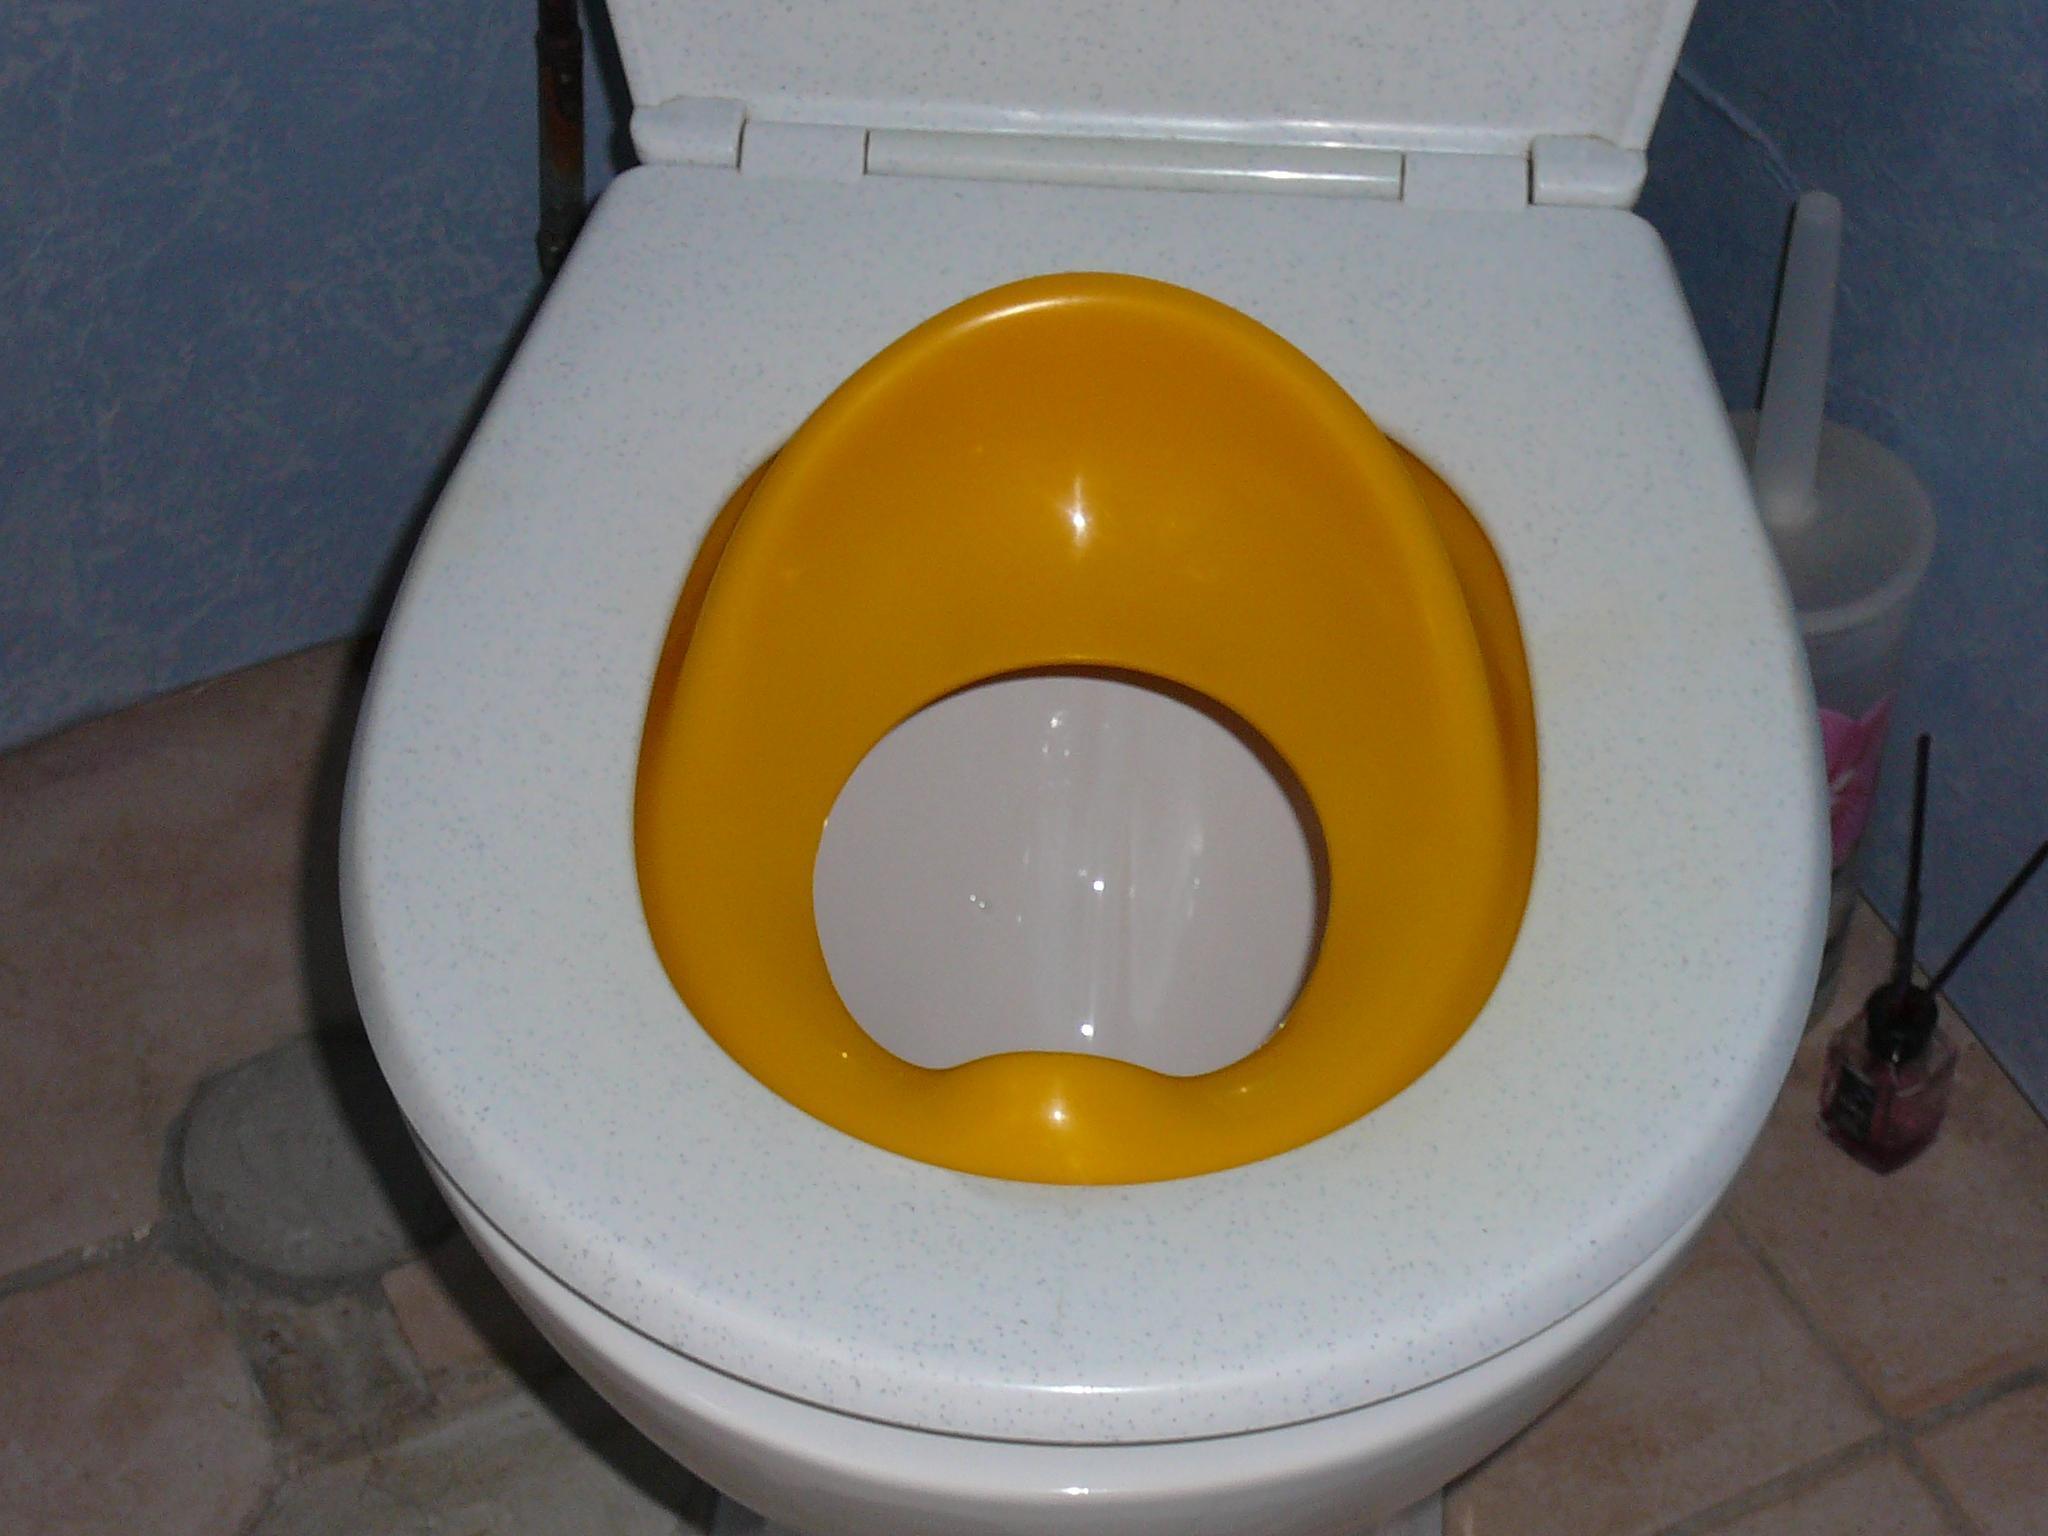 troc de troc réducteur wc enfant image 0